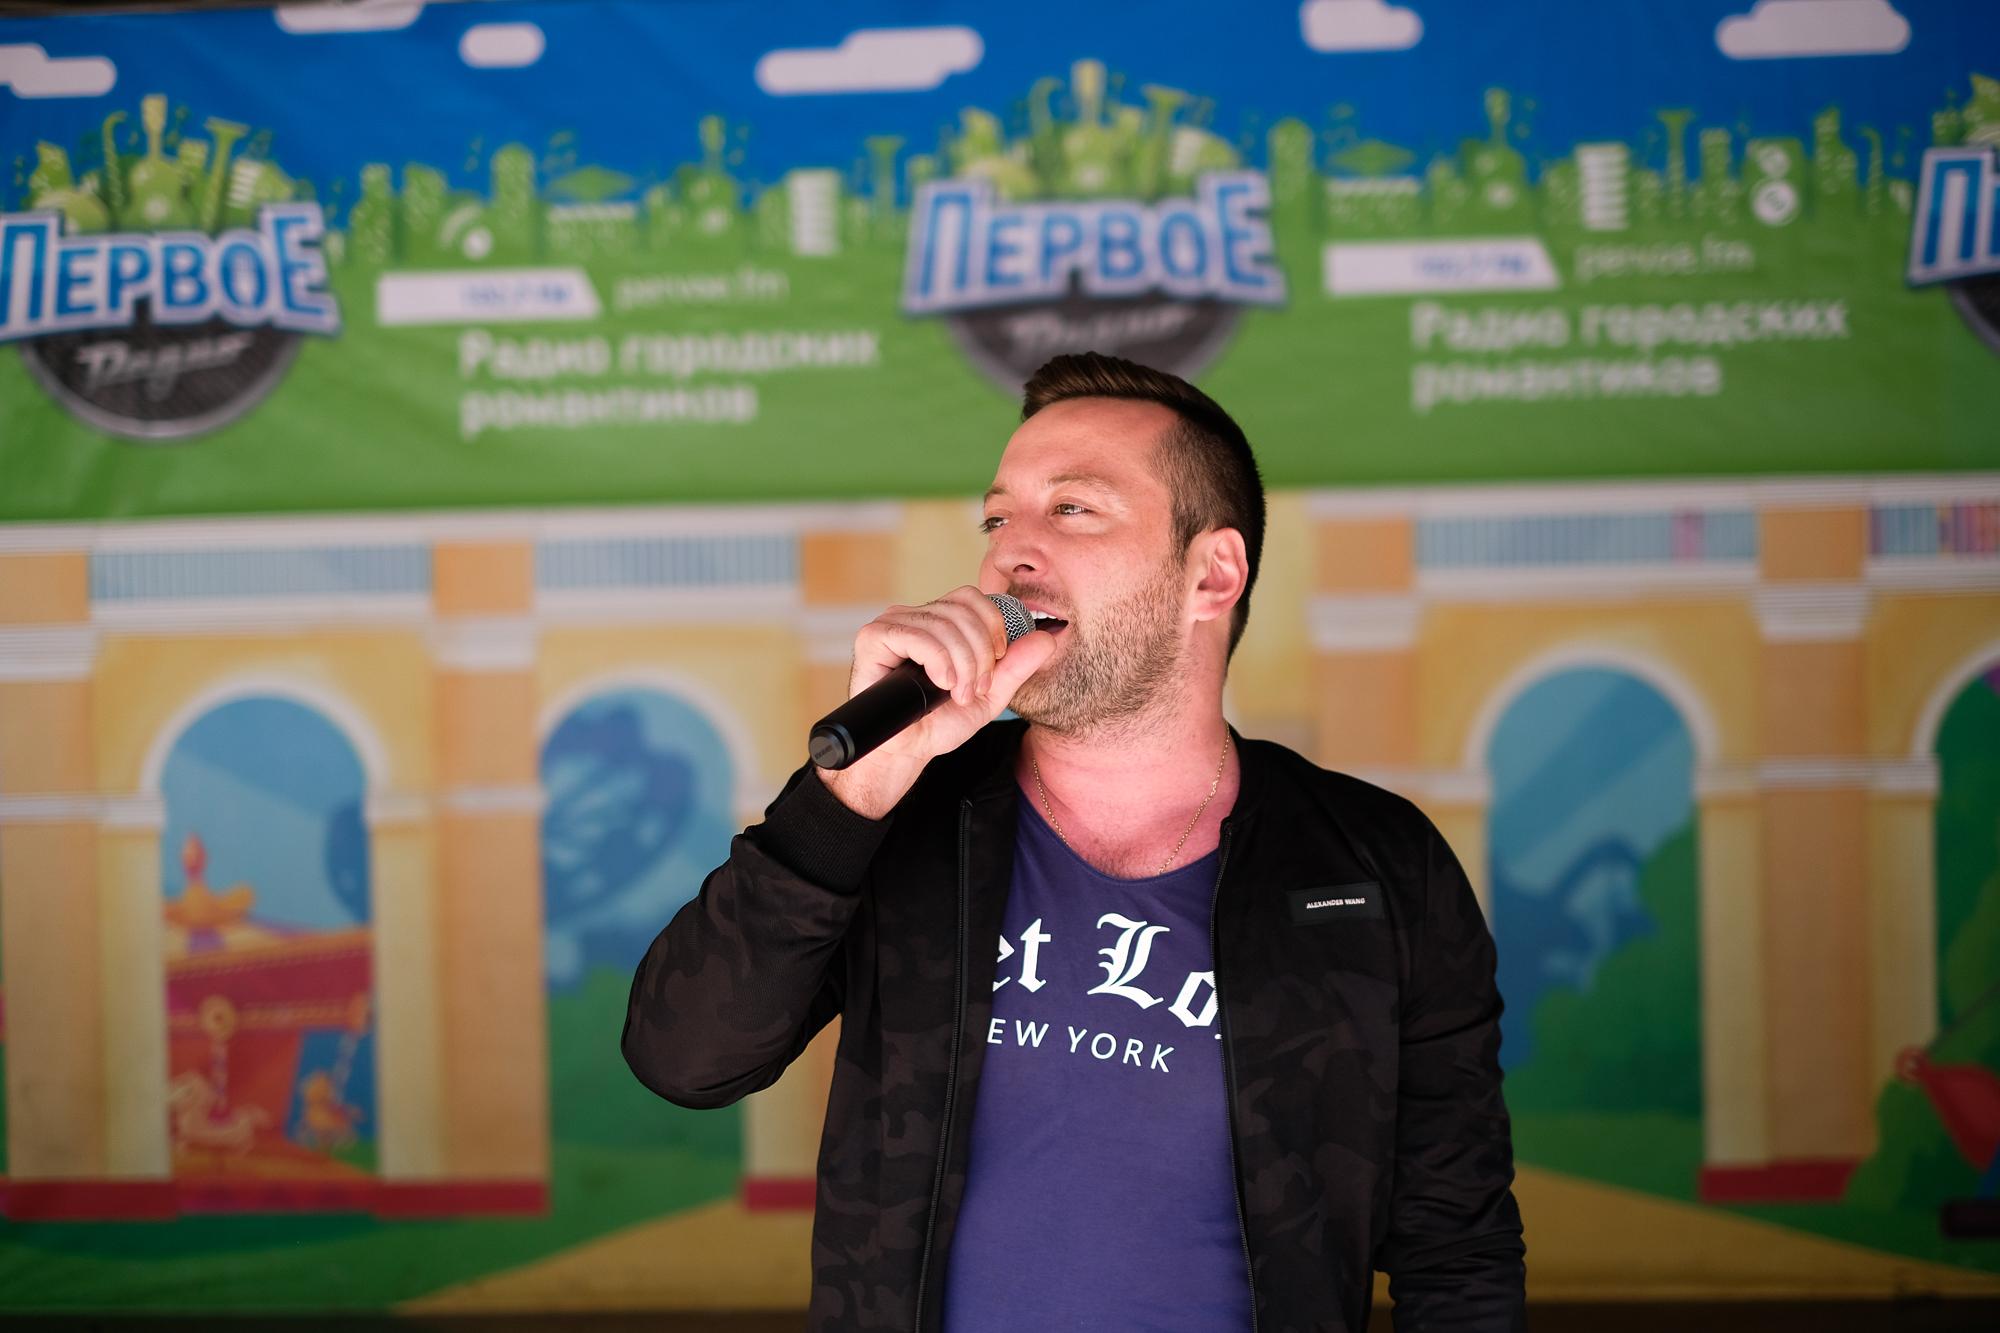 Nikolai_khizhniak-29